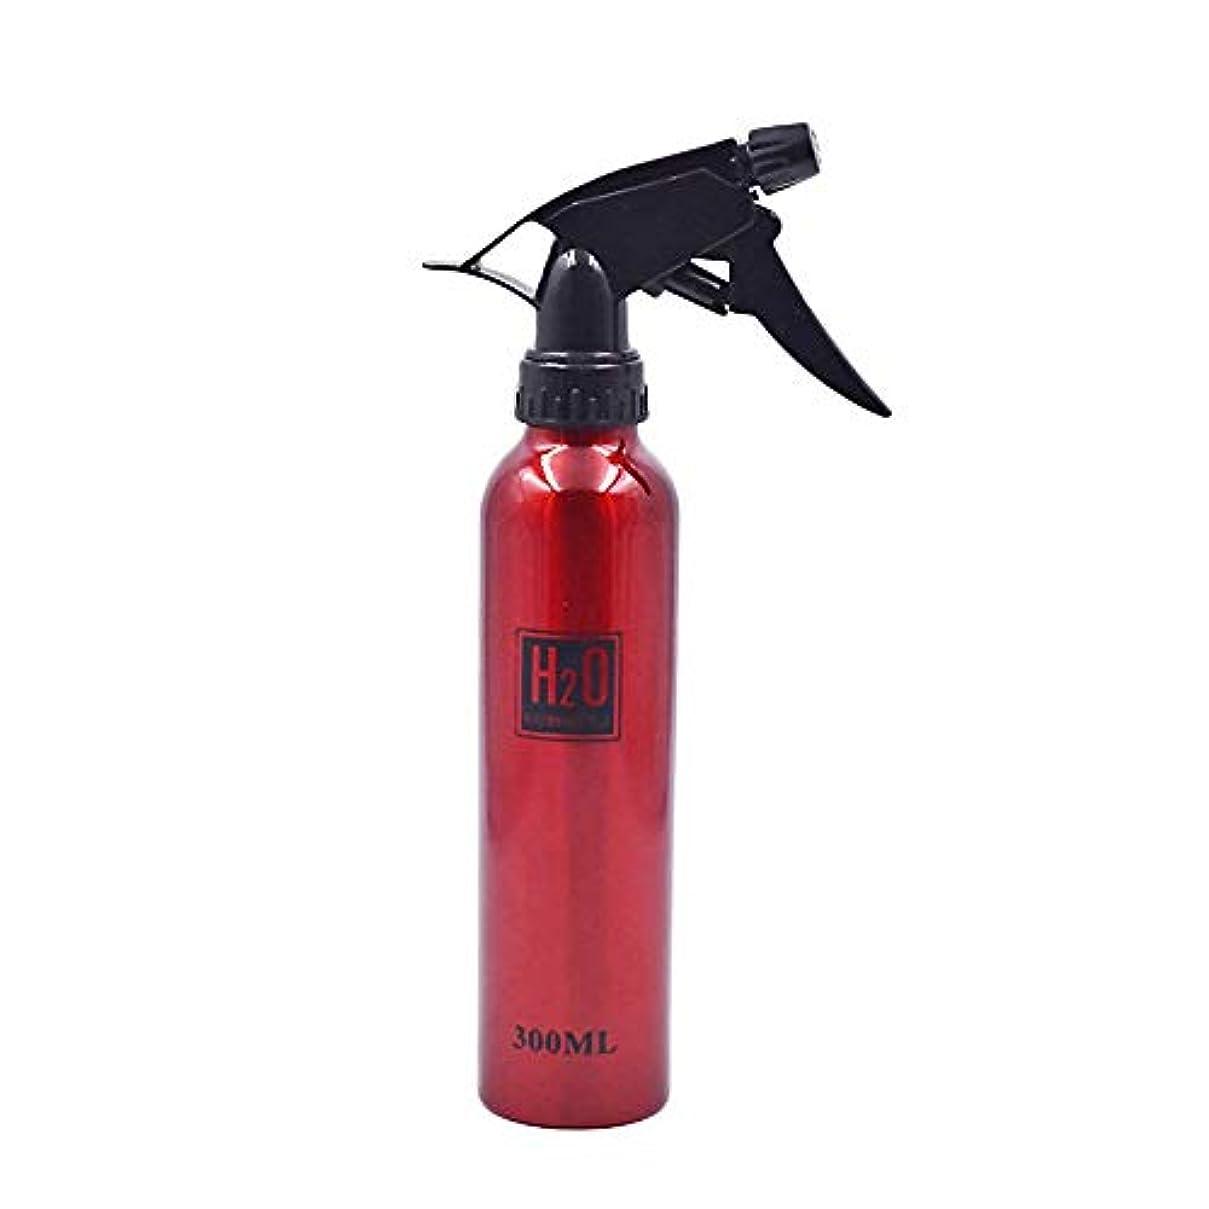 ジェーンオースティン雄弁家本部Onior 実用 アルミニウム 噴霧瓶 ネブライザー 化粧品 水 サロンヘア 洗剤使用 1枚 (赤 300ml)